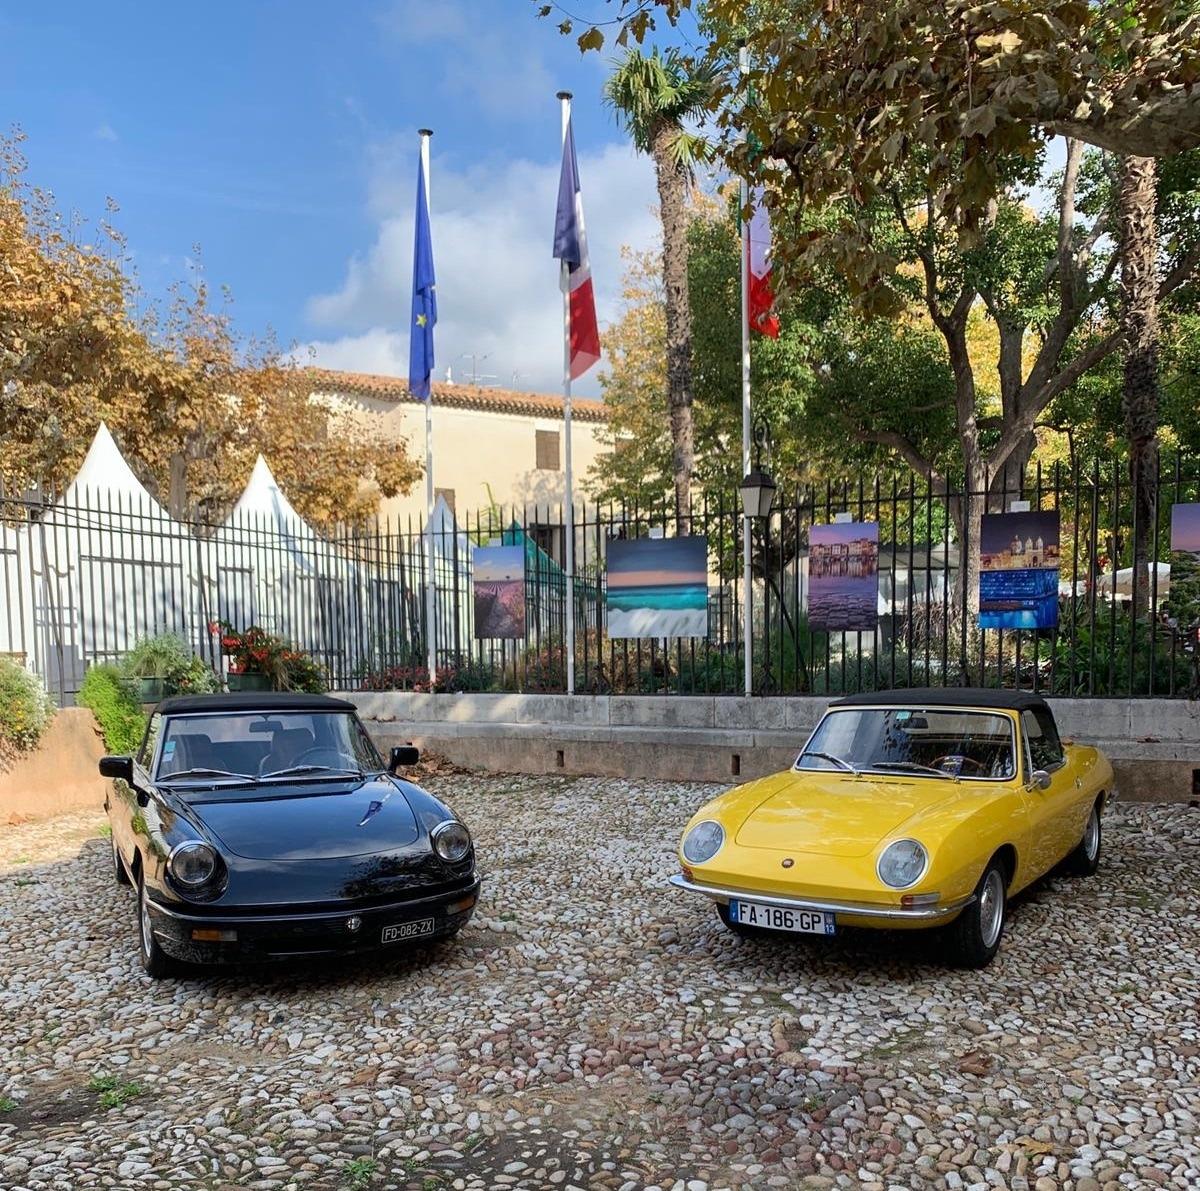 Voitures de LACC dans la cour de la mairie de Cassis